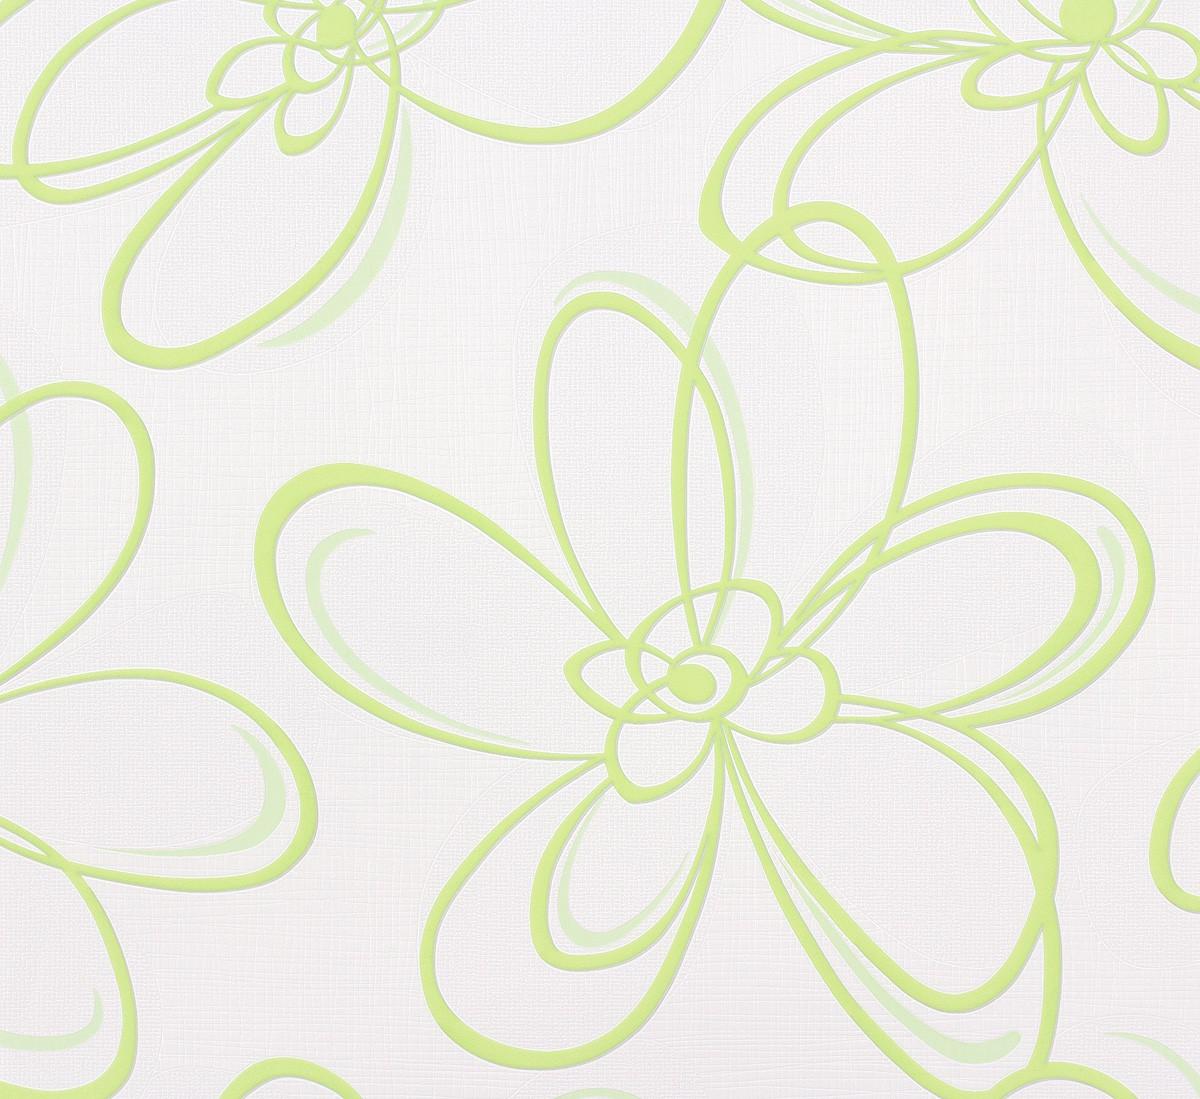 Vliestapete Floral Abstrakt Grun Weiss Wohnsinn 55610